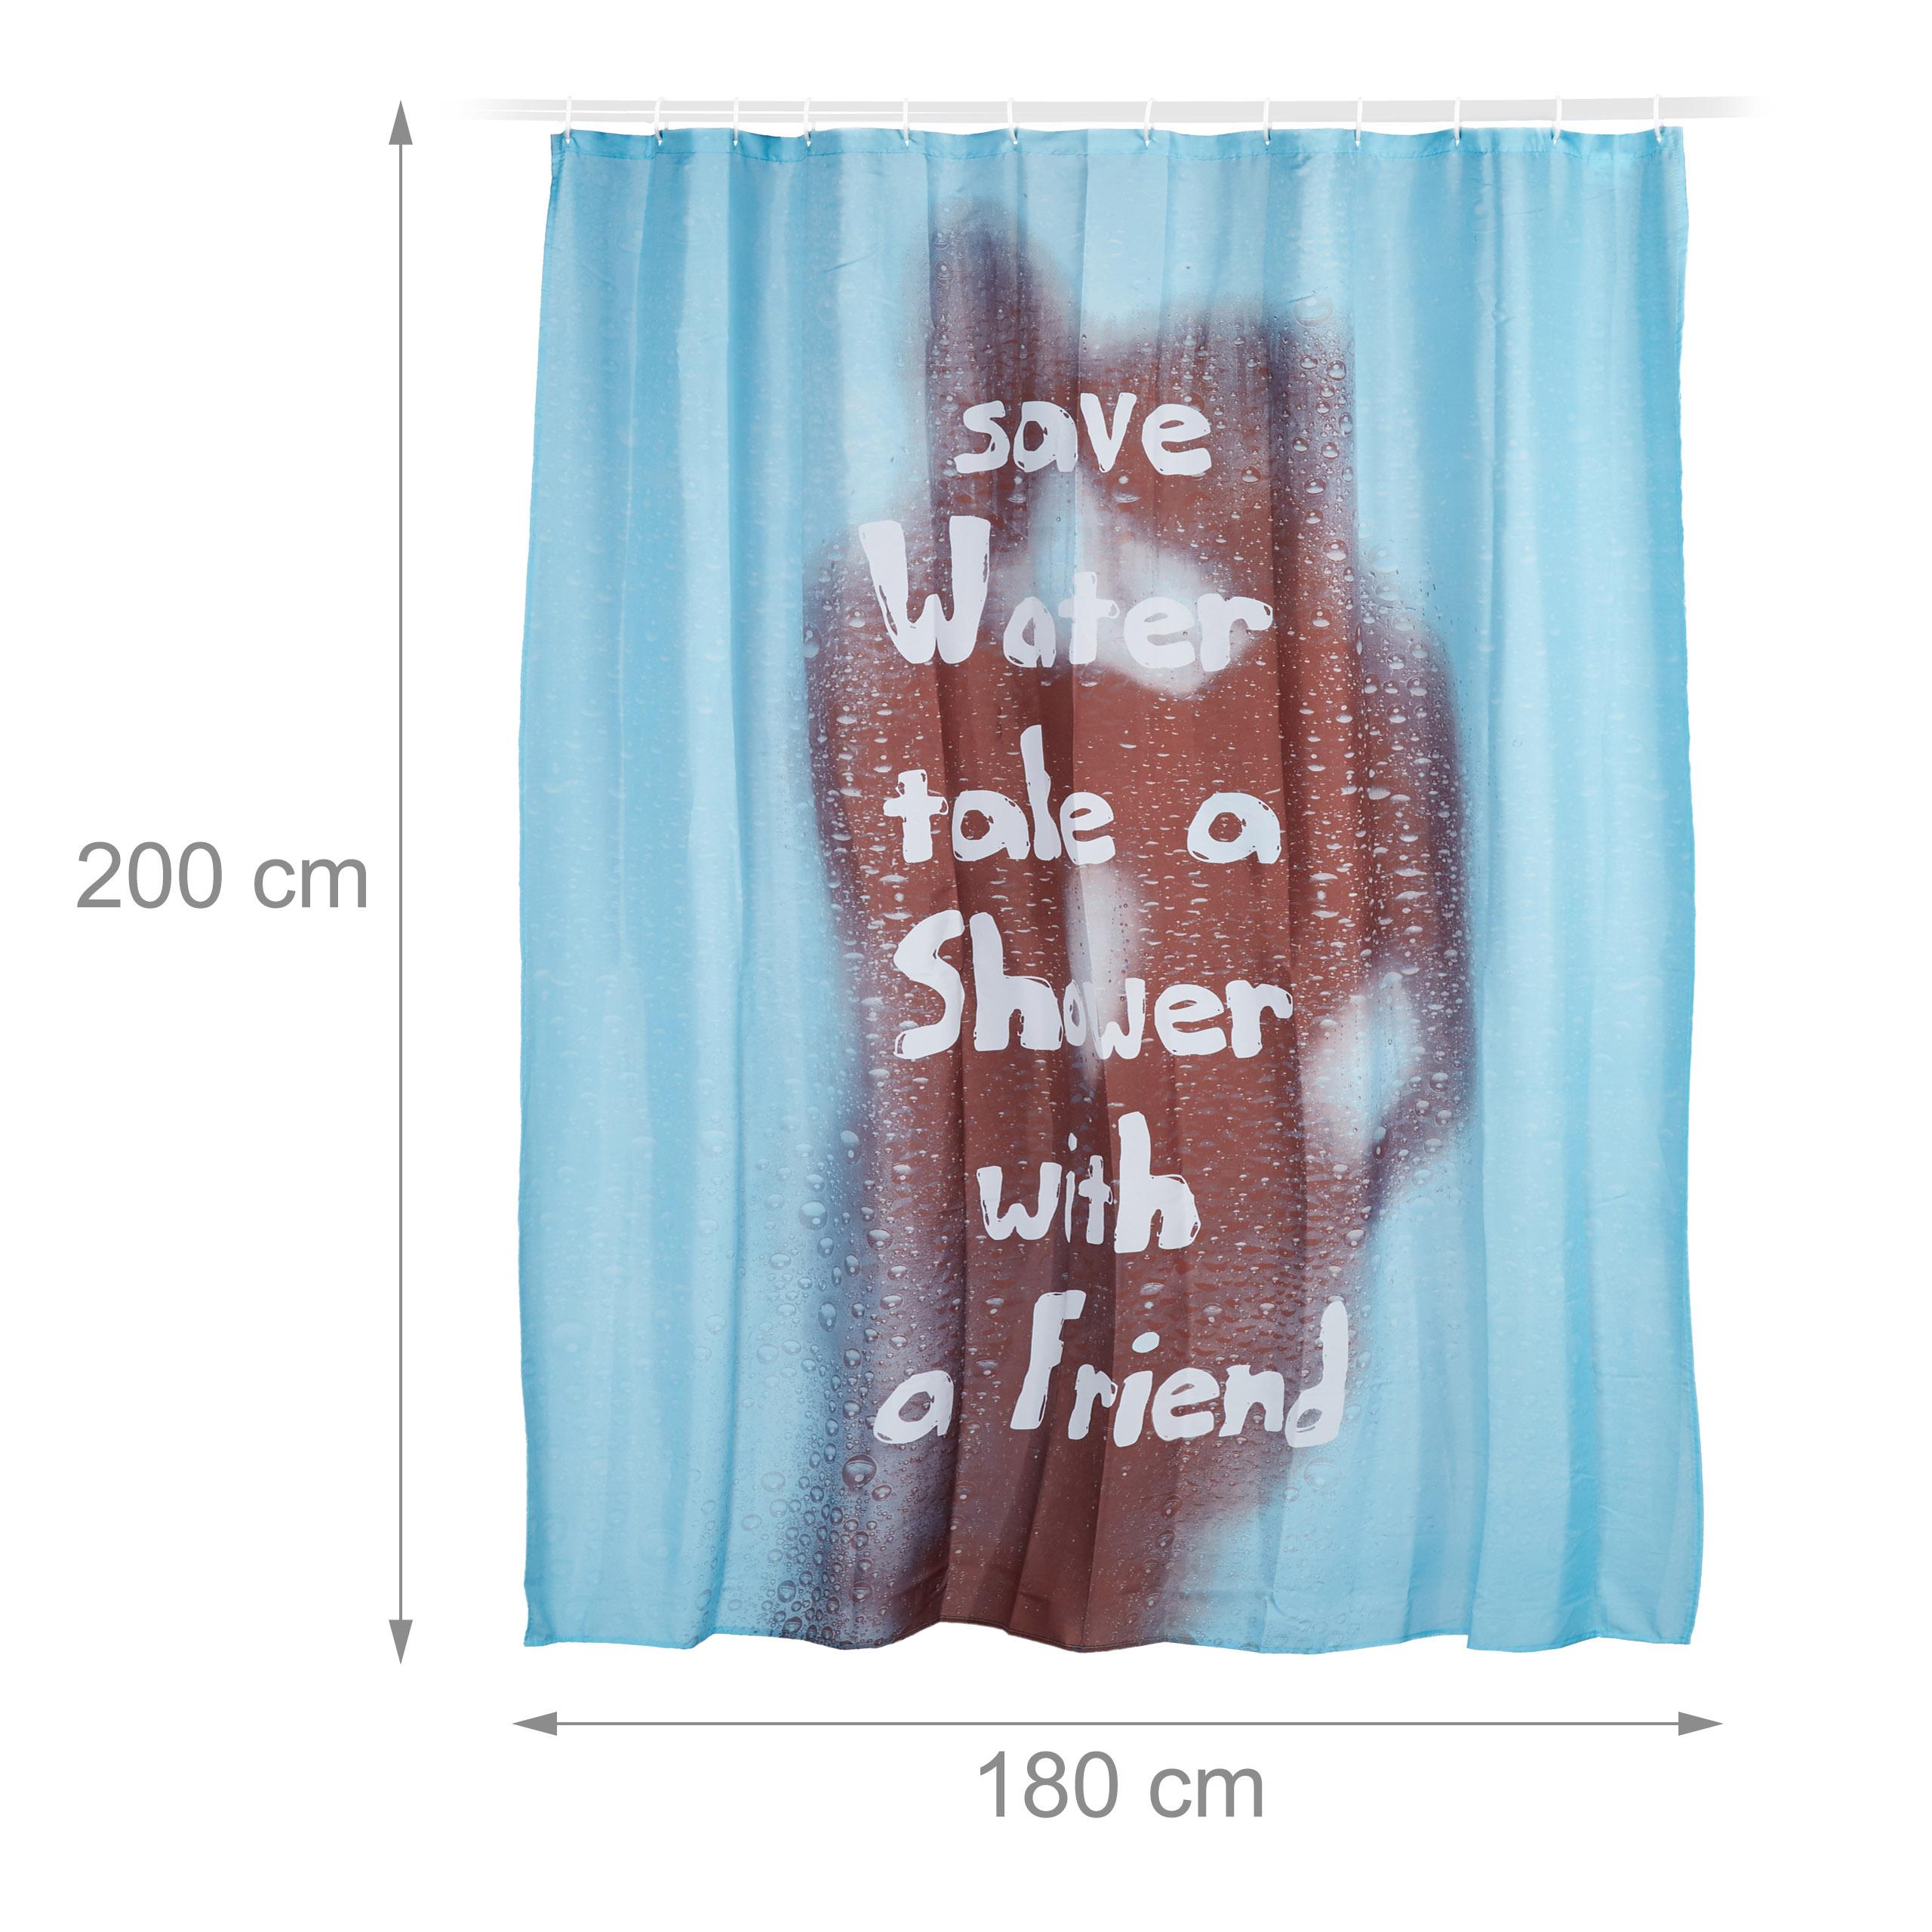 duschvorhang t rkis save water auf. Black Bedroom Furniture Sets. Home Design Ideas